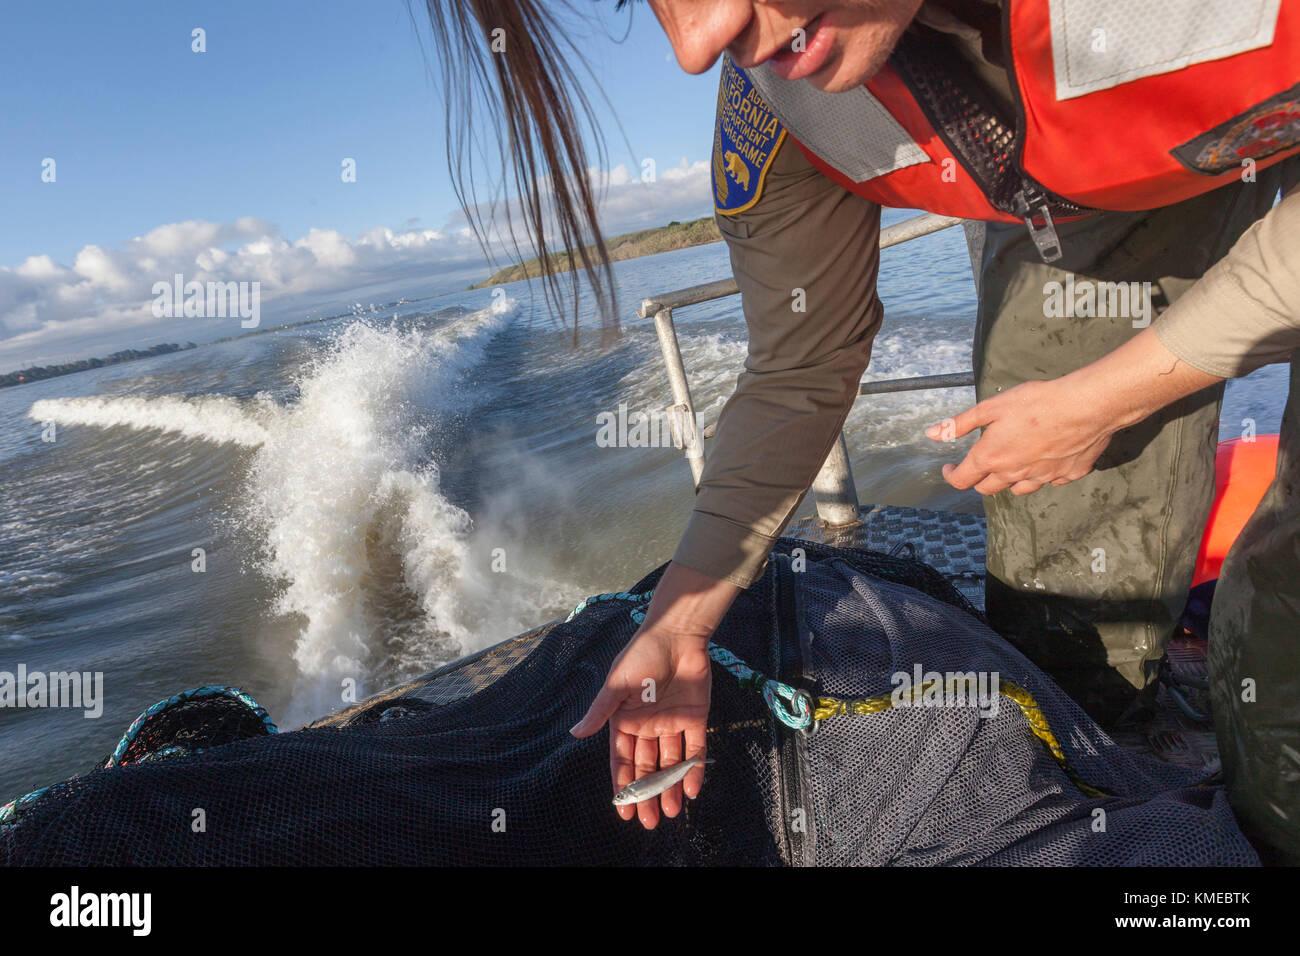 Científico medioambiental lauren damon de california departamento de peces y fauna silvestre, la realización Imagen De Stock